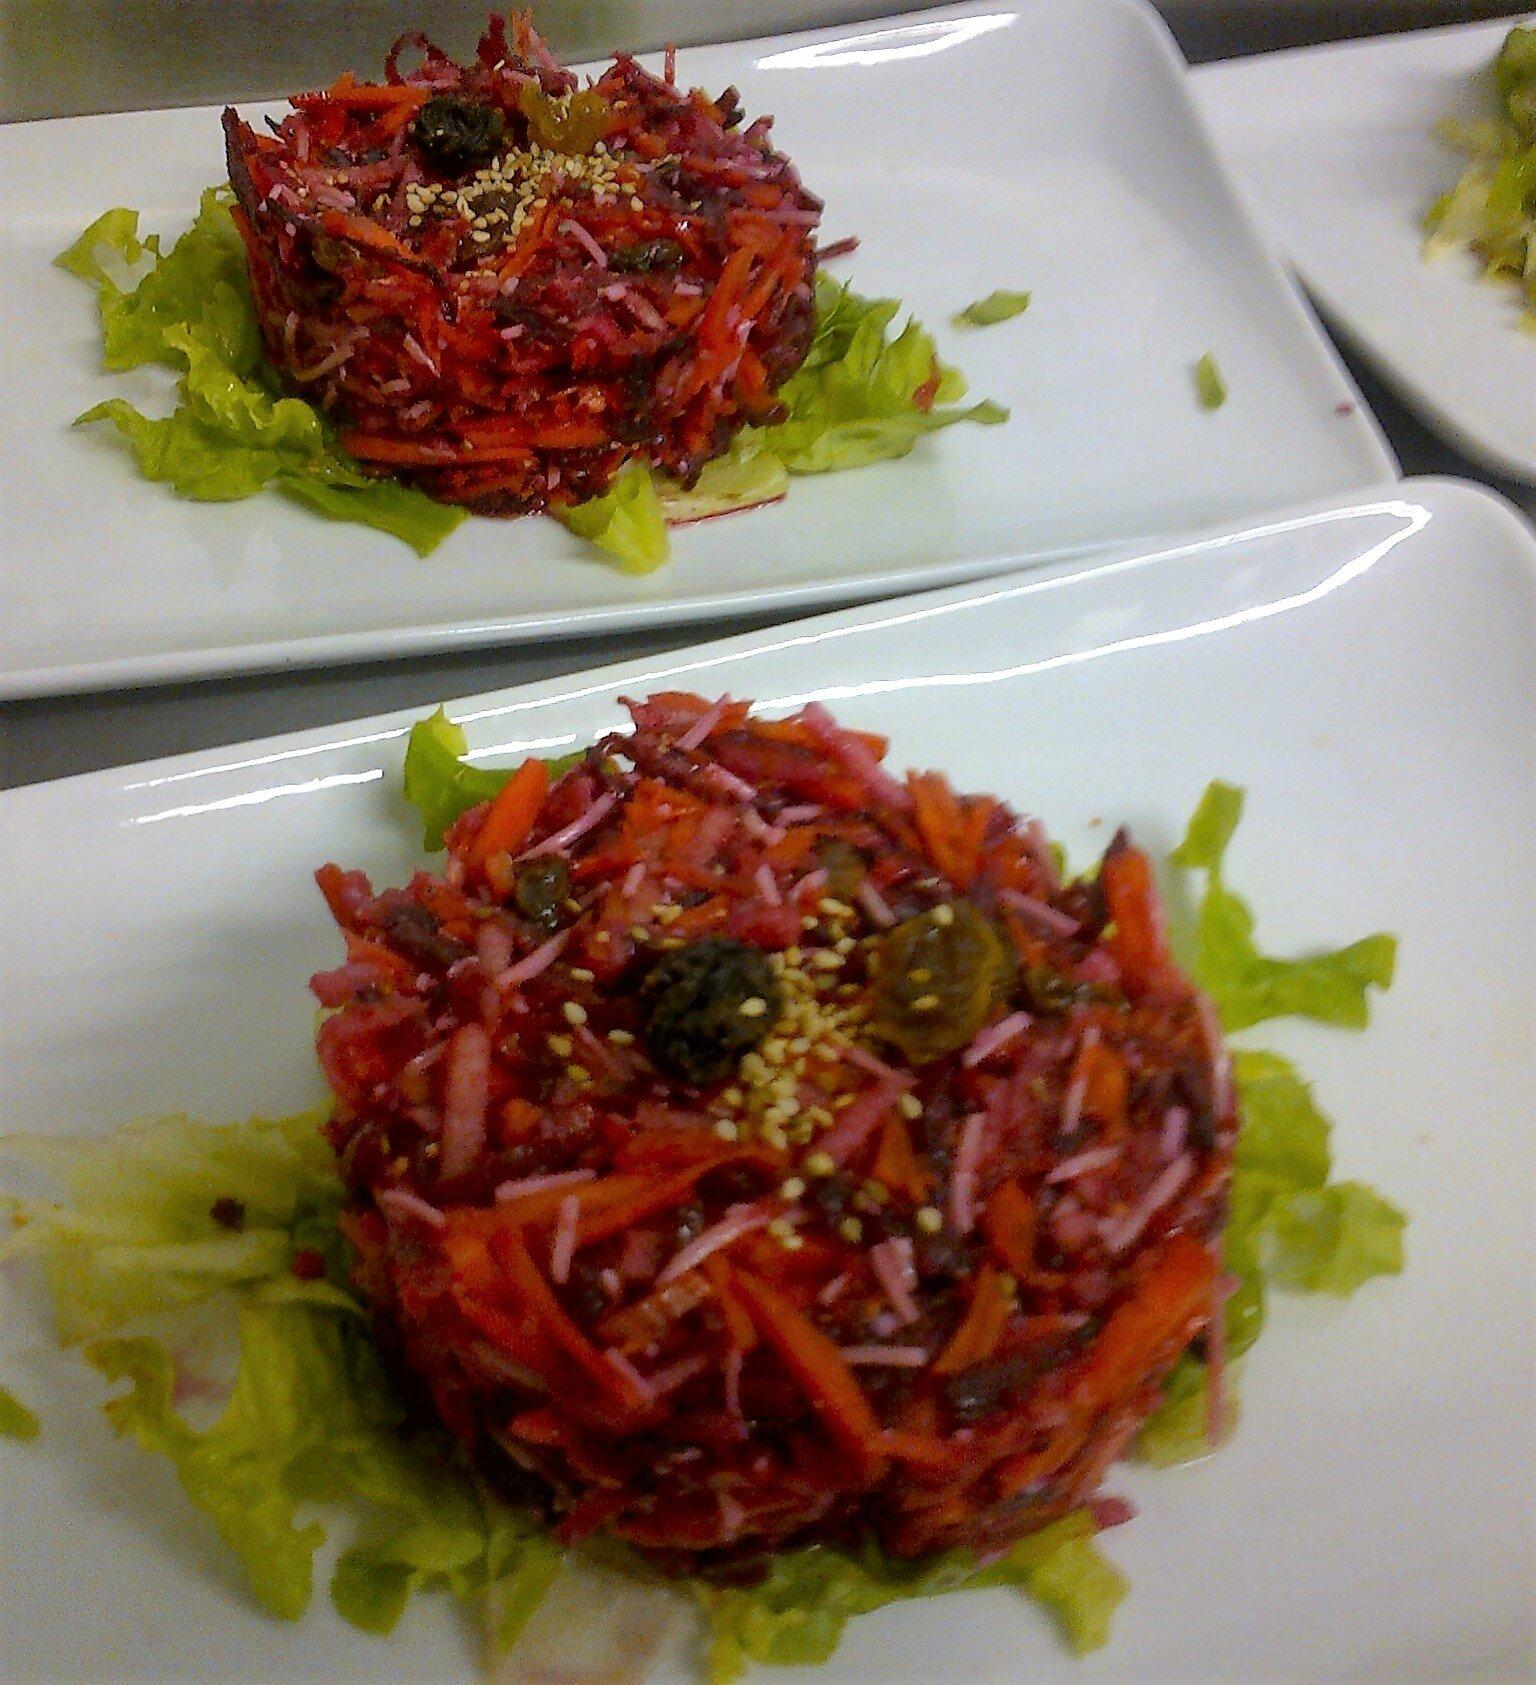 Salade Carotte, Betterave, Pomme Granny râpées avec Comté et Raisins secs, Vinaigrette au Miel & Moutarde à l'ancienne